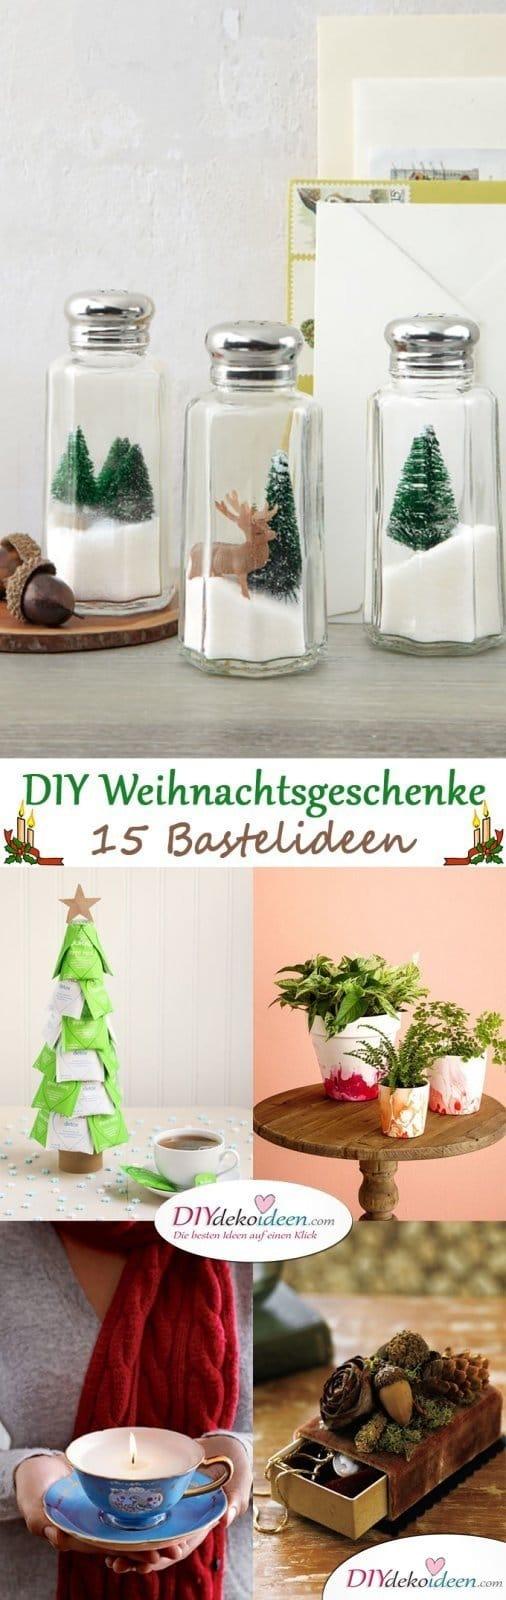 Persönliche DIY Weihnachtsgeschenke für deine Lieben - 15 DIY Bastelideen